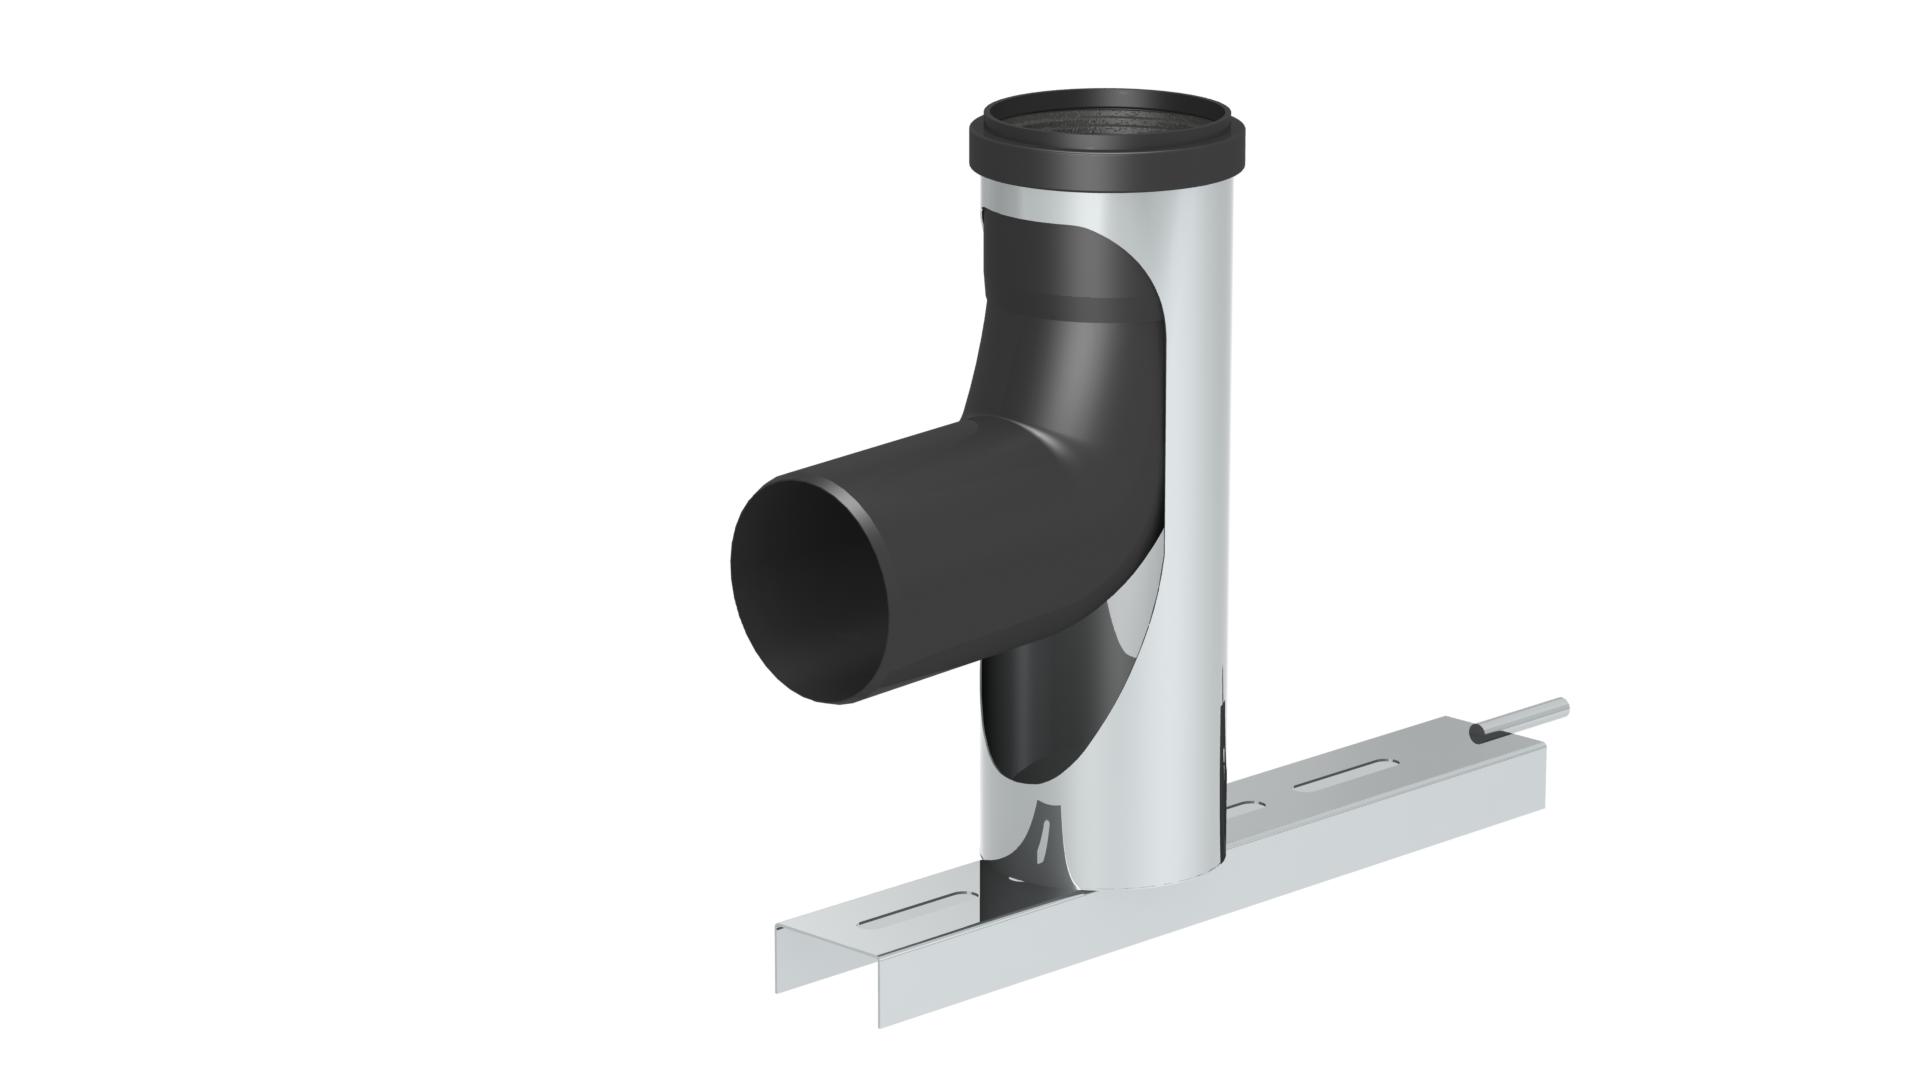 Winkel 87° mit Stützfuß und Auflageschiene - Kunststoff - Jeremias EW-PPS und EW-PP-FLEX